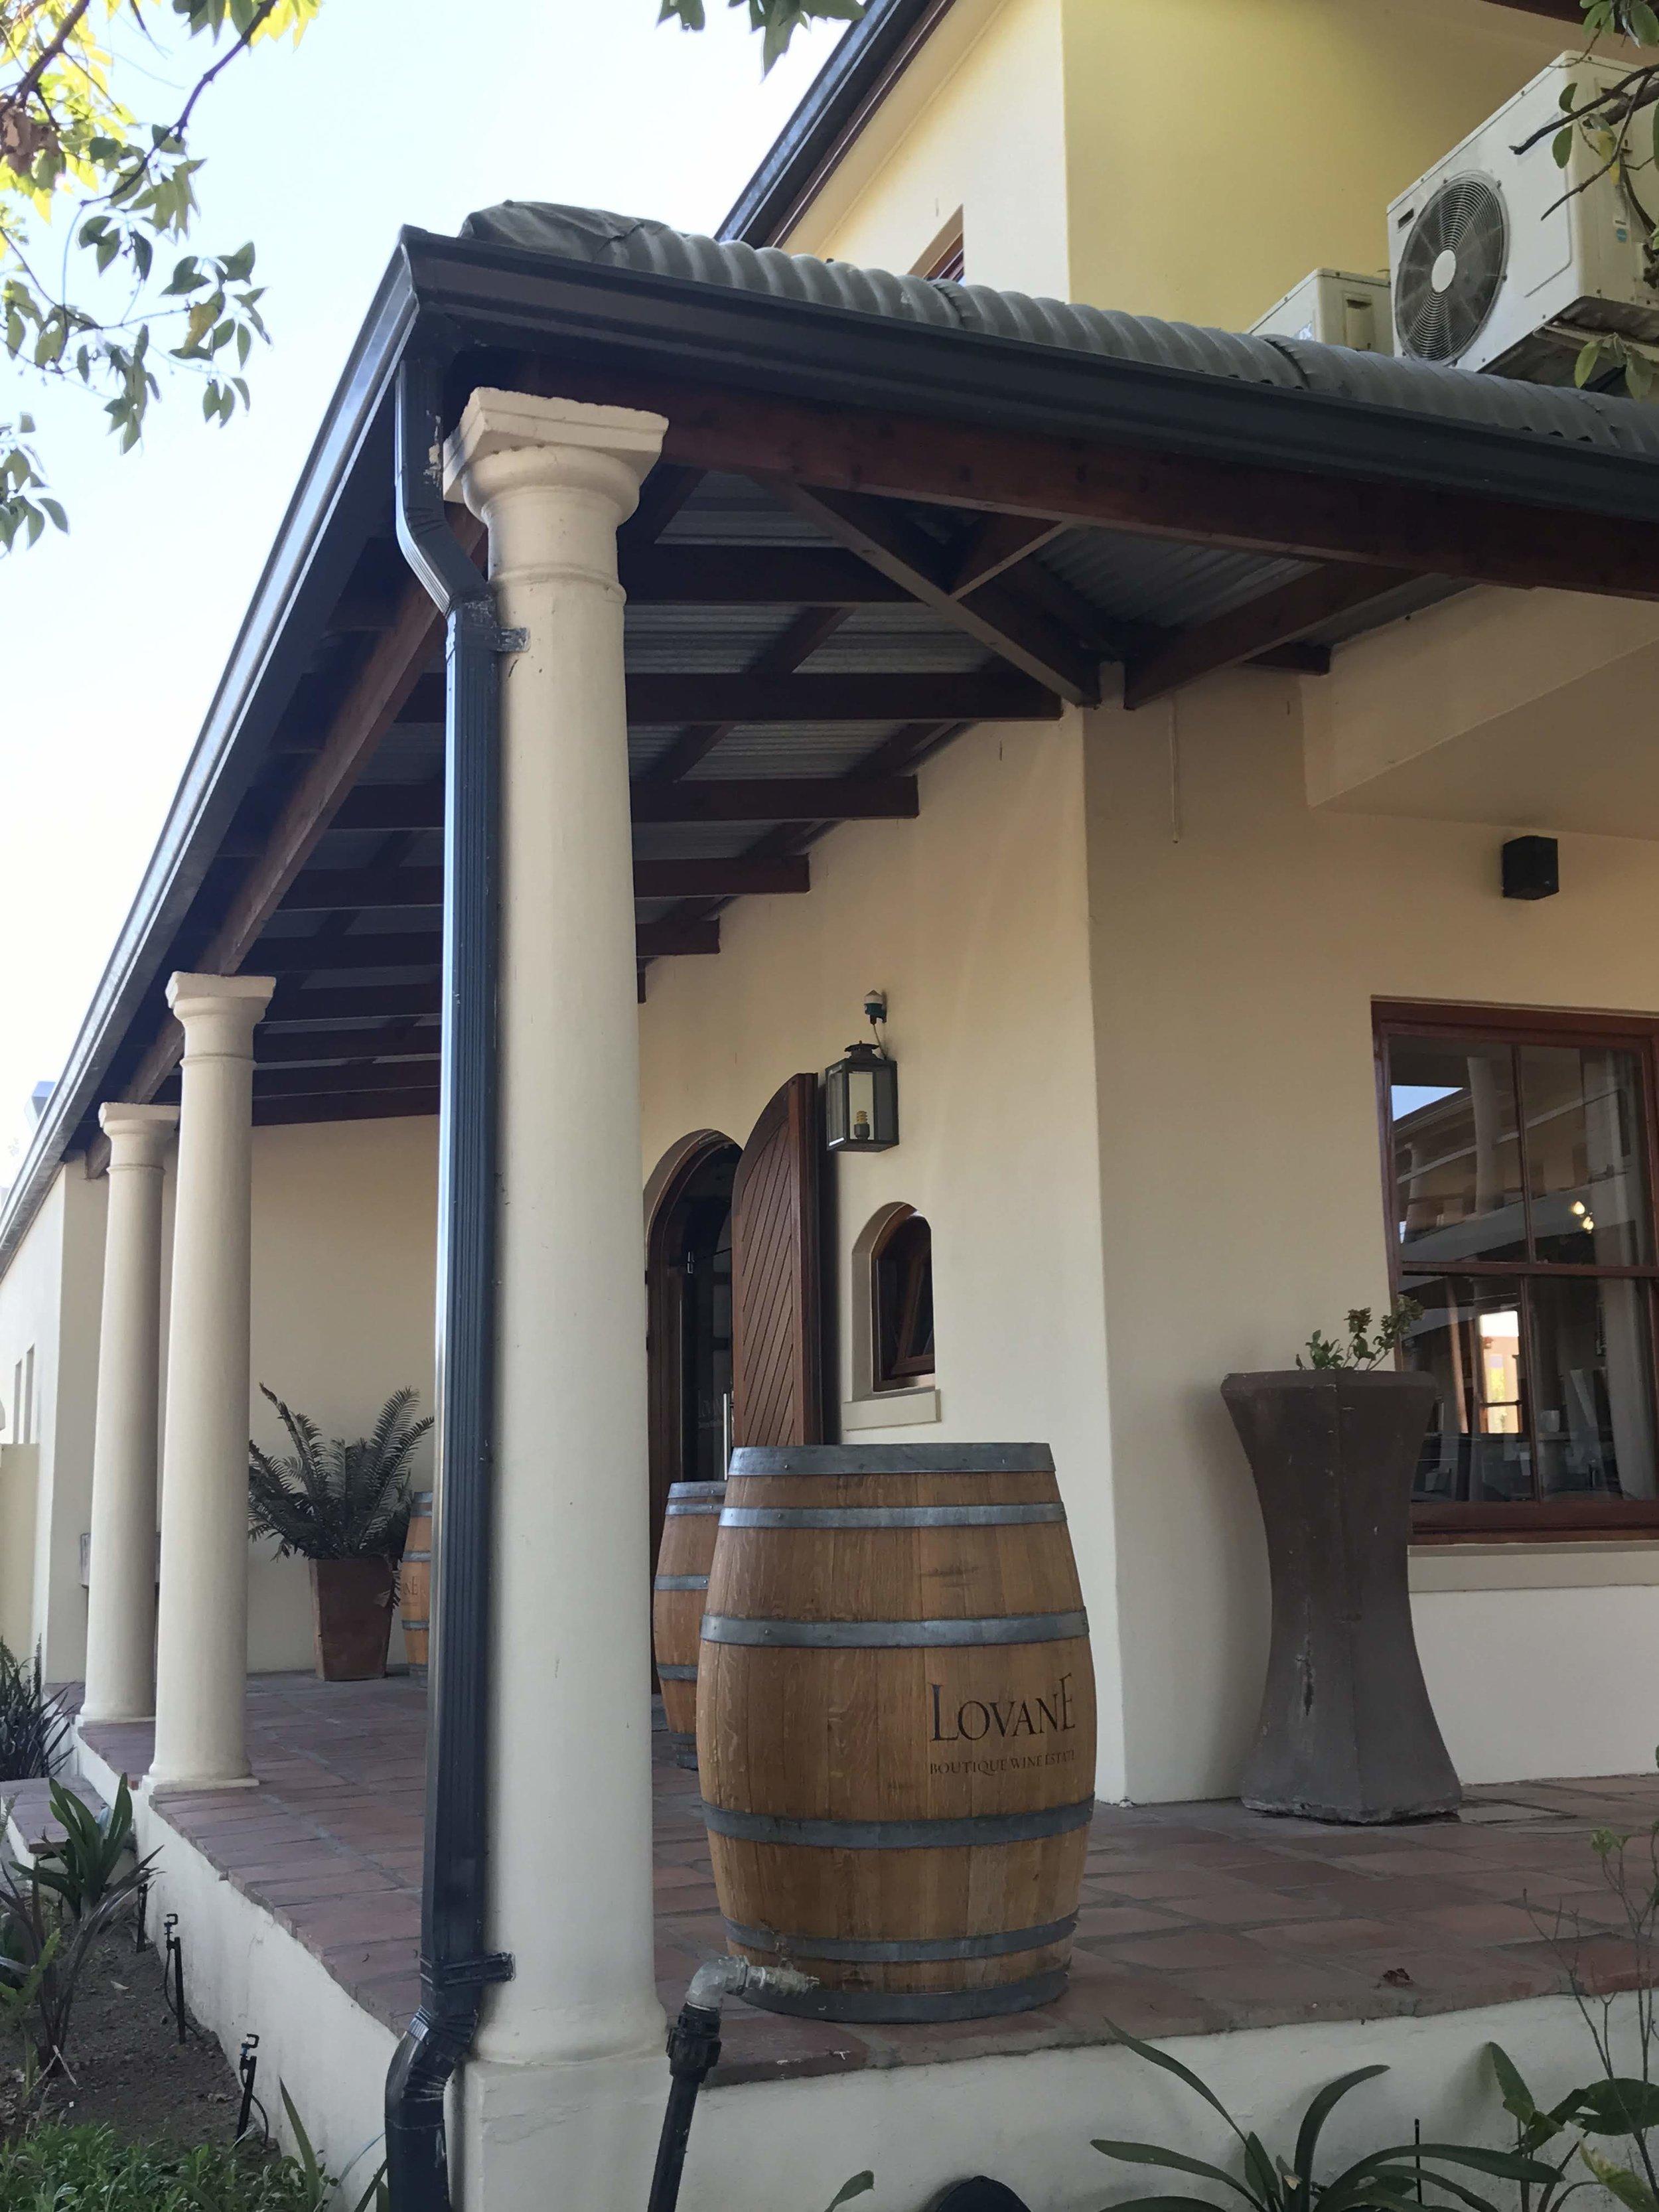 lovane boutique wine estate, vineyard, stellenbosch, south africa, wine tour